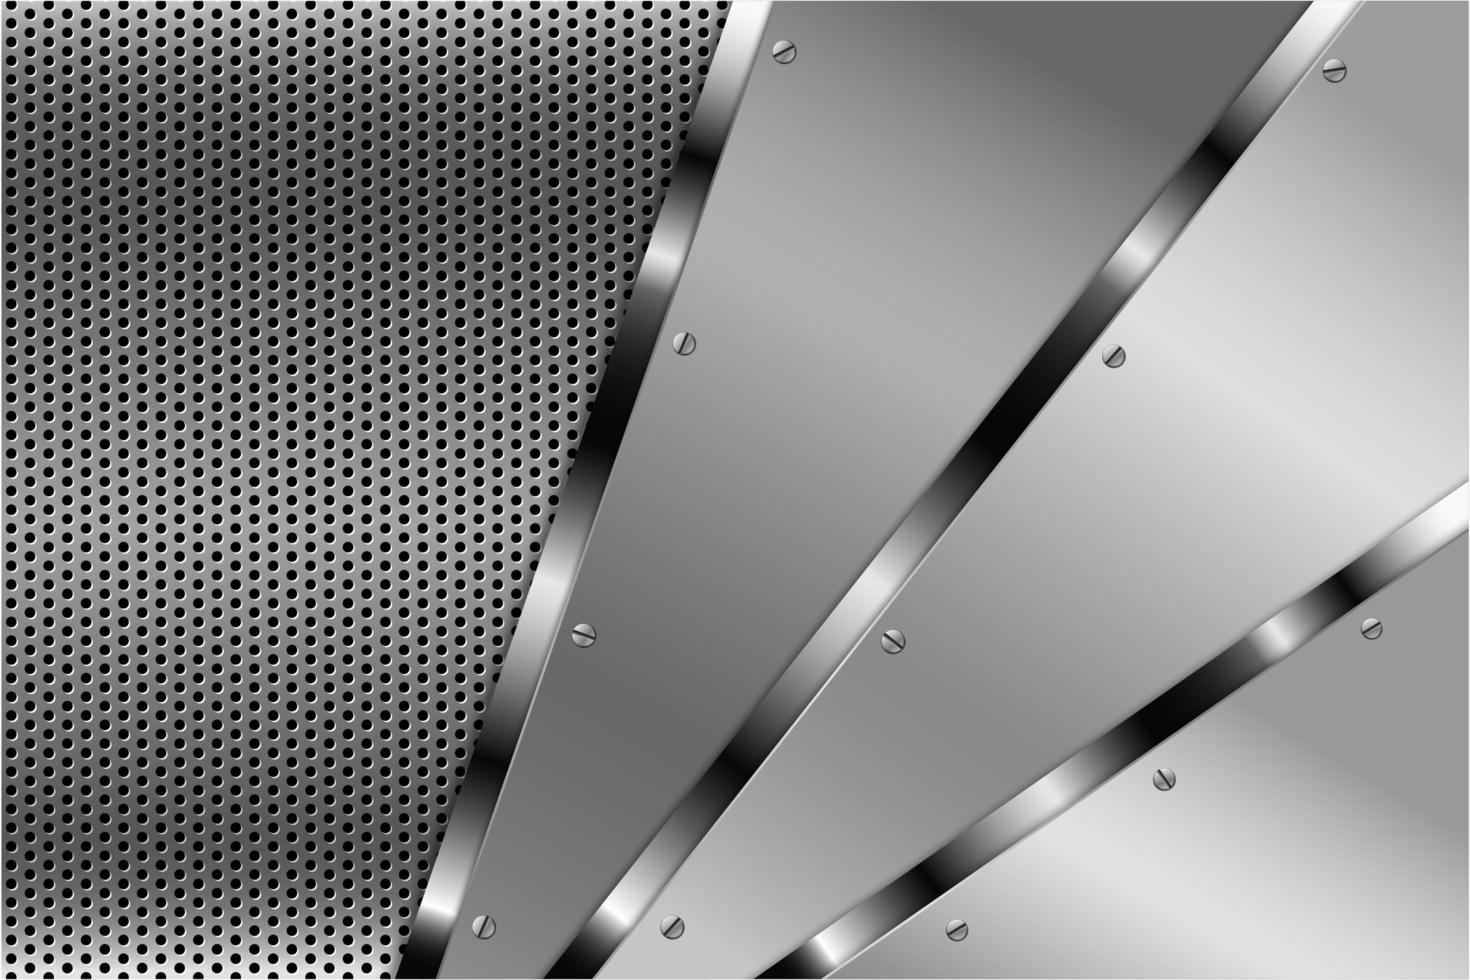 metalen zilveren schuine panelen met schroeven op geperforeerde structuur vector